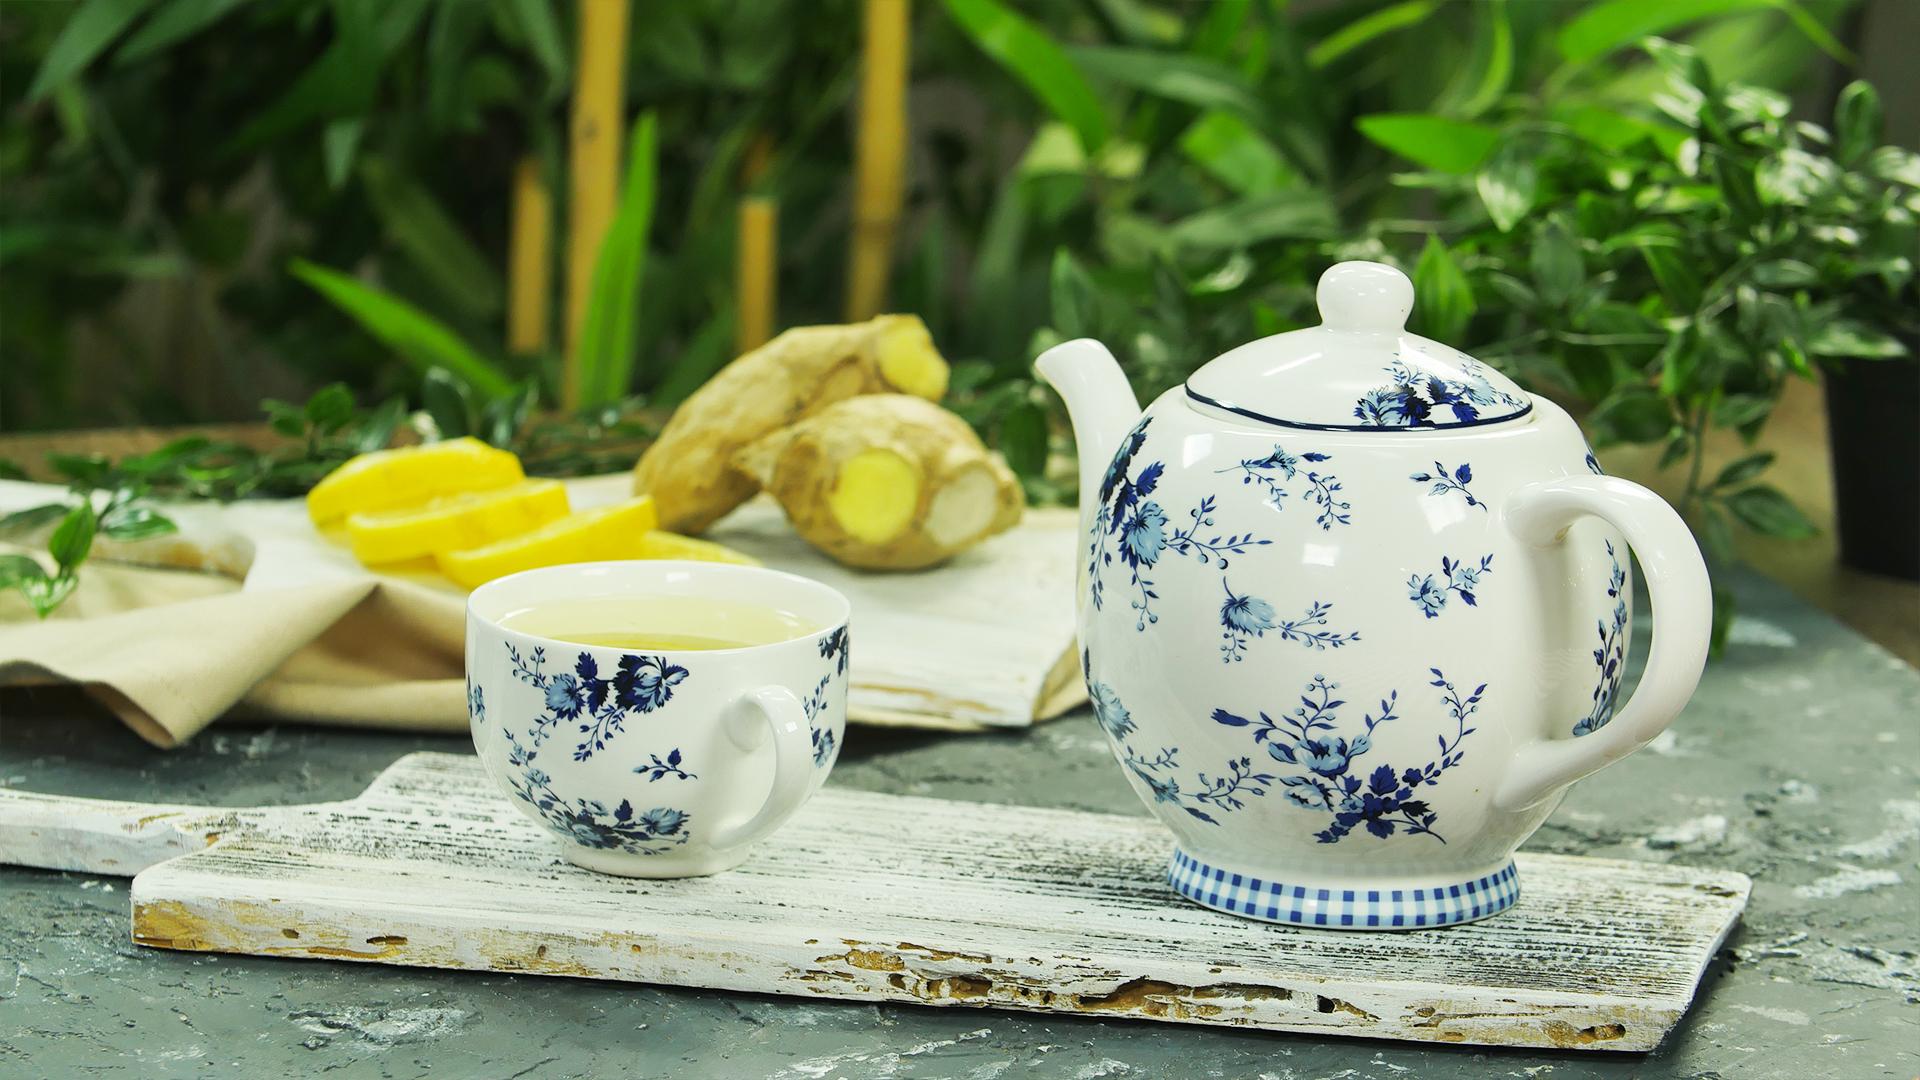 Zencefilli Ballı Kış Çayı